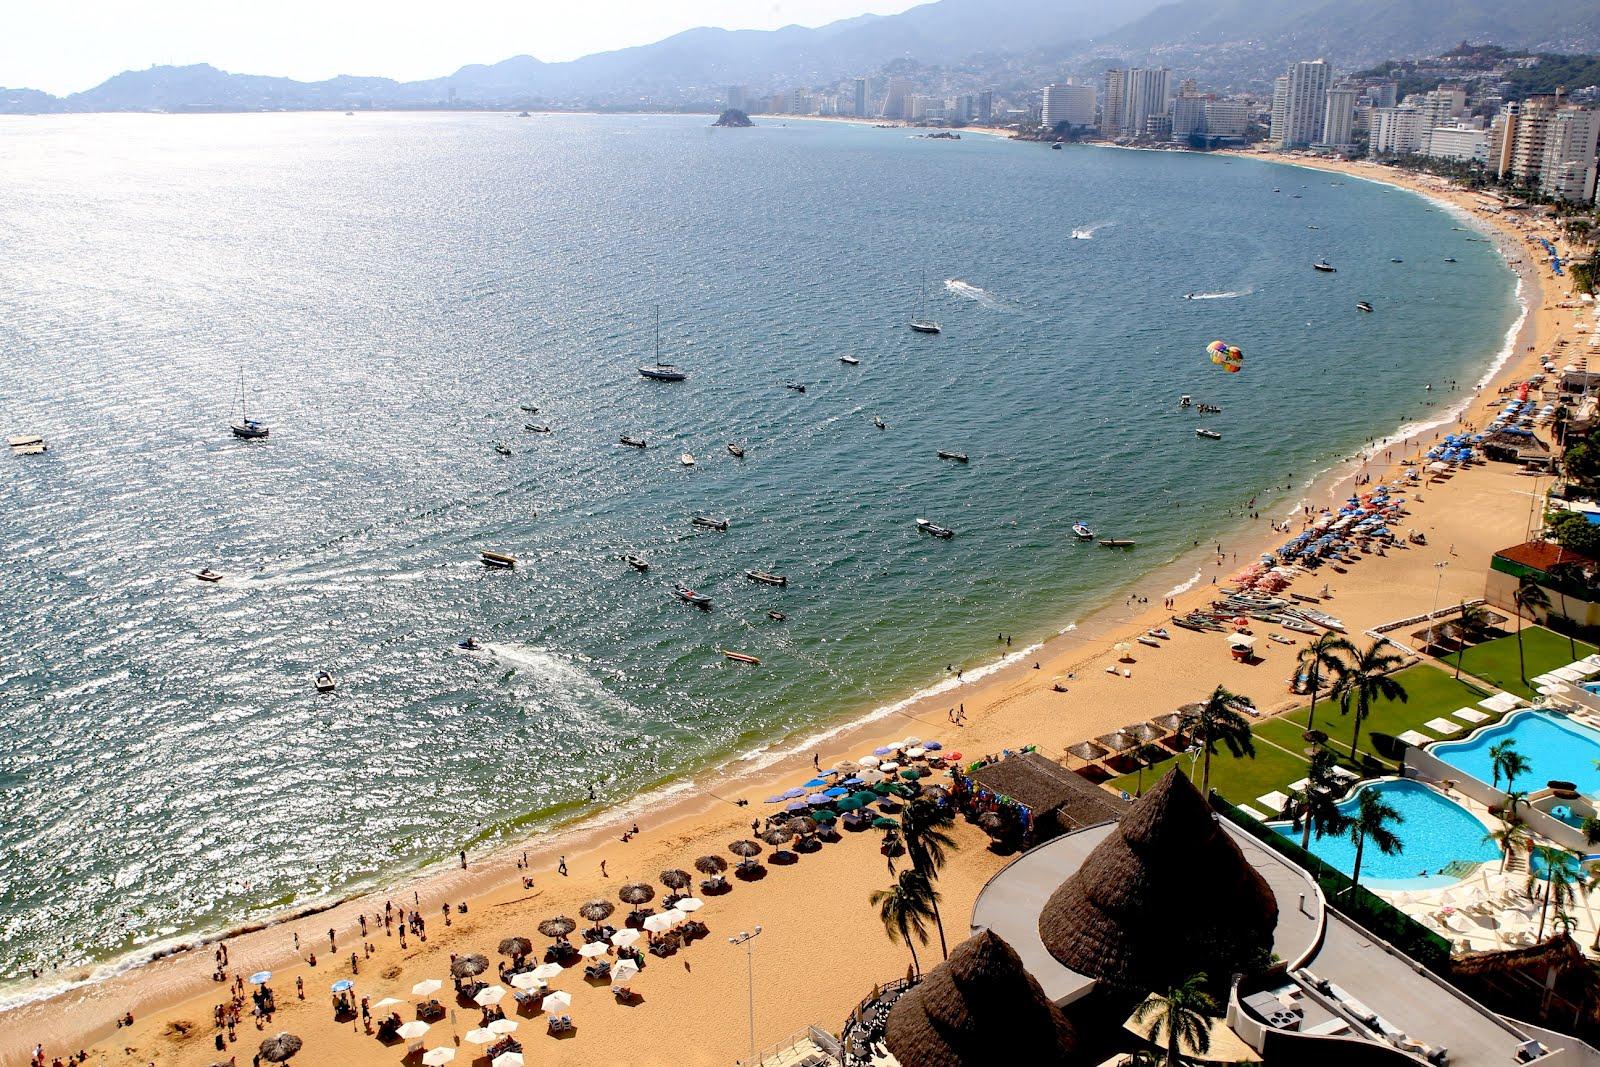 Según los datos, la bahía pasó de recibir 4.63 millones de turistas en 2013 a 4.59 millones al cierre de 2014: una variación negativa del 0.9%.